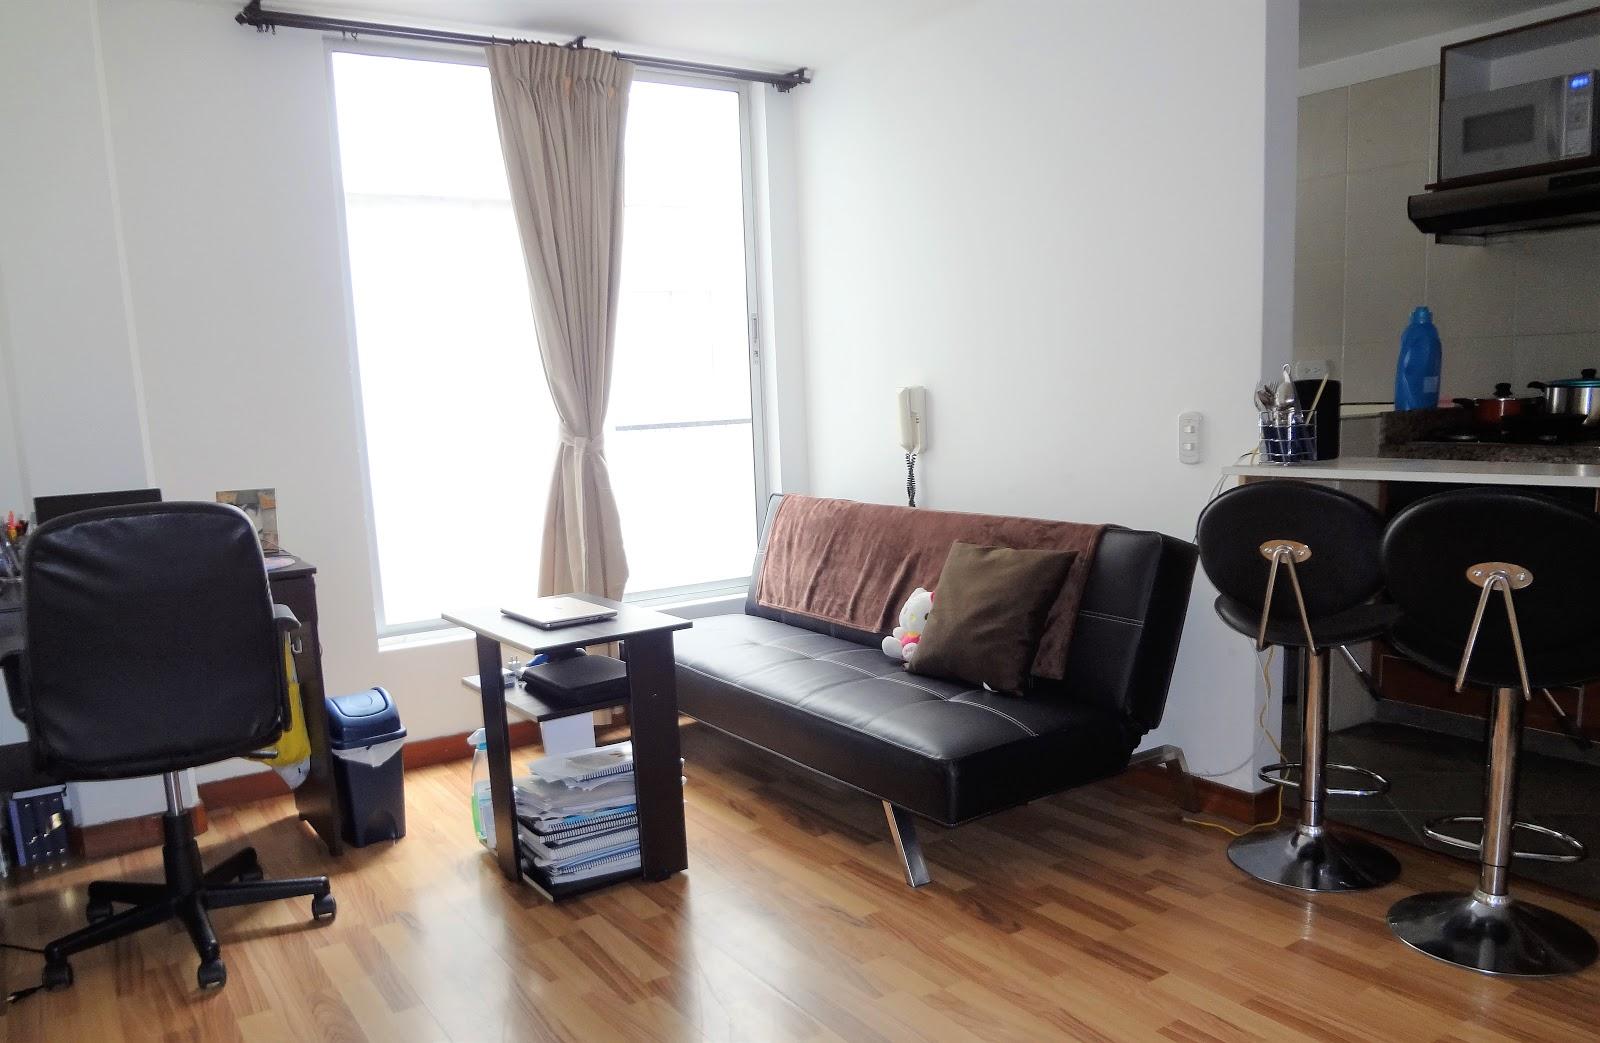 コロンビアの首都ボゴタのアパート生活!賃貸契約の仕方や注意点